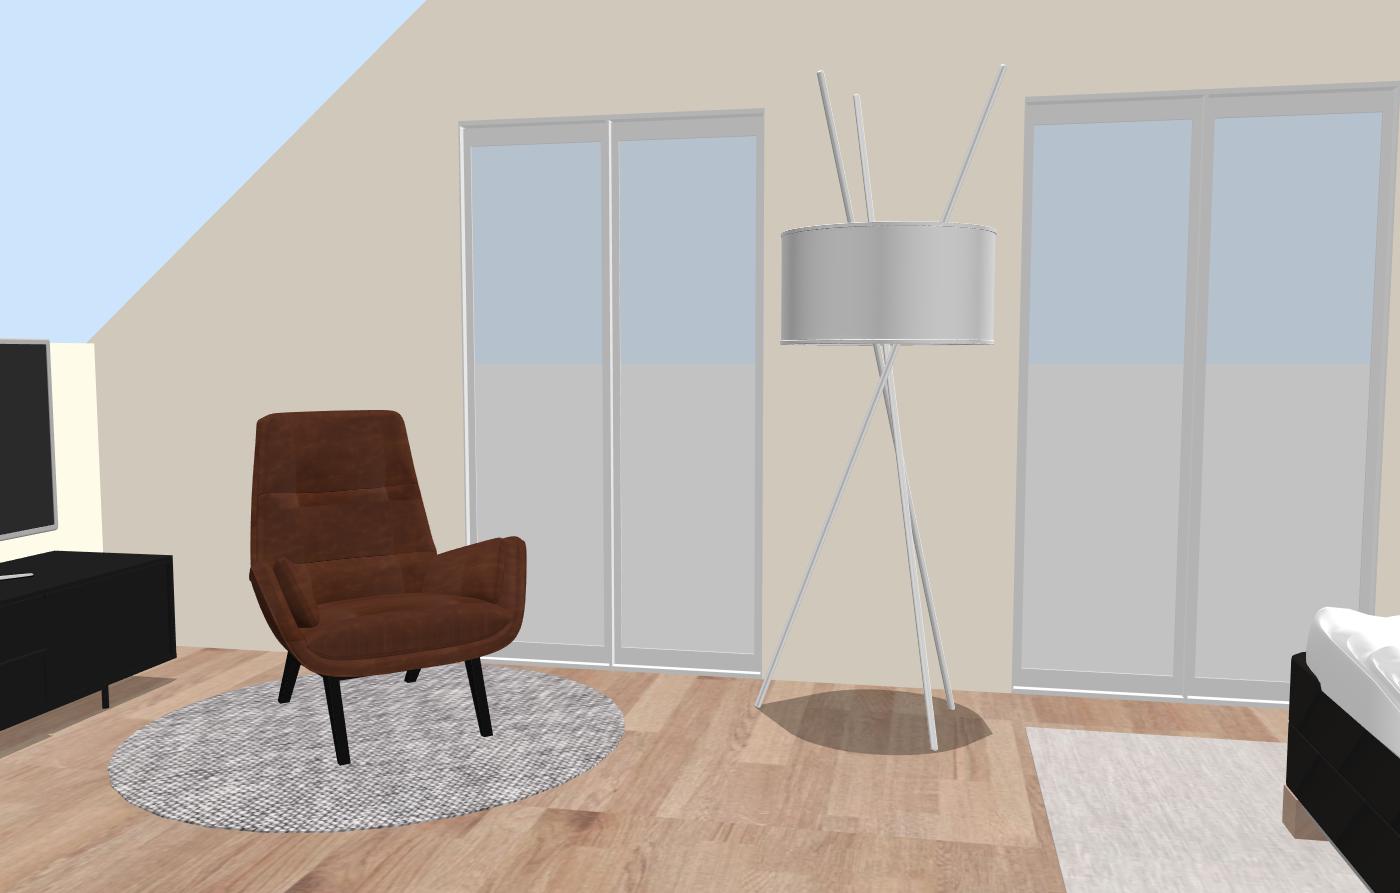 Eichenatur beistelltisch bilder ideen couchstyle for Beistelltisch boxspringbett